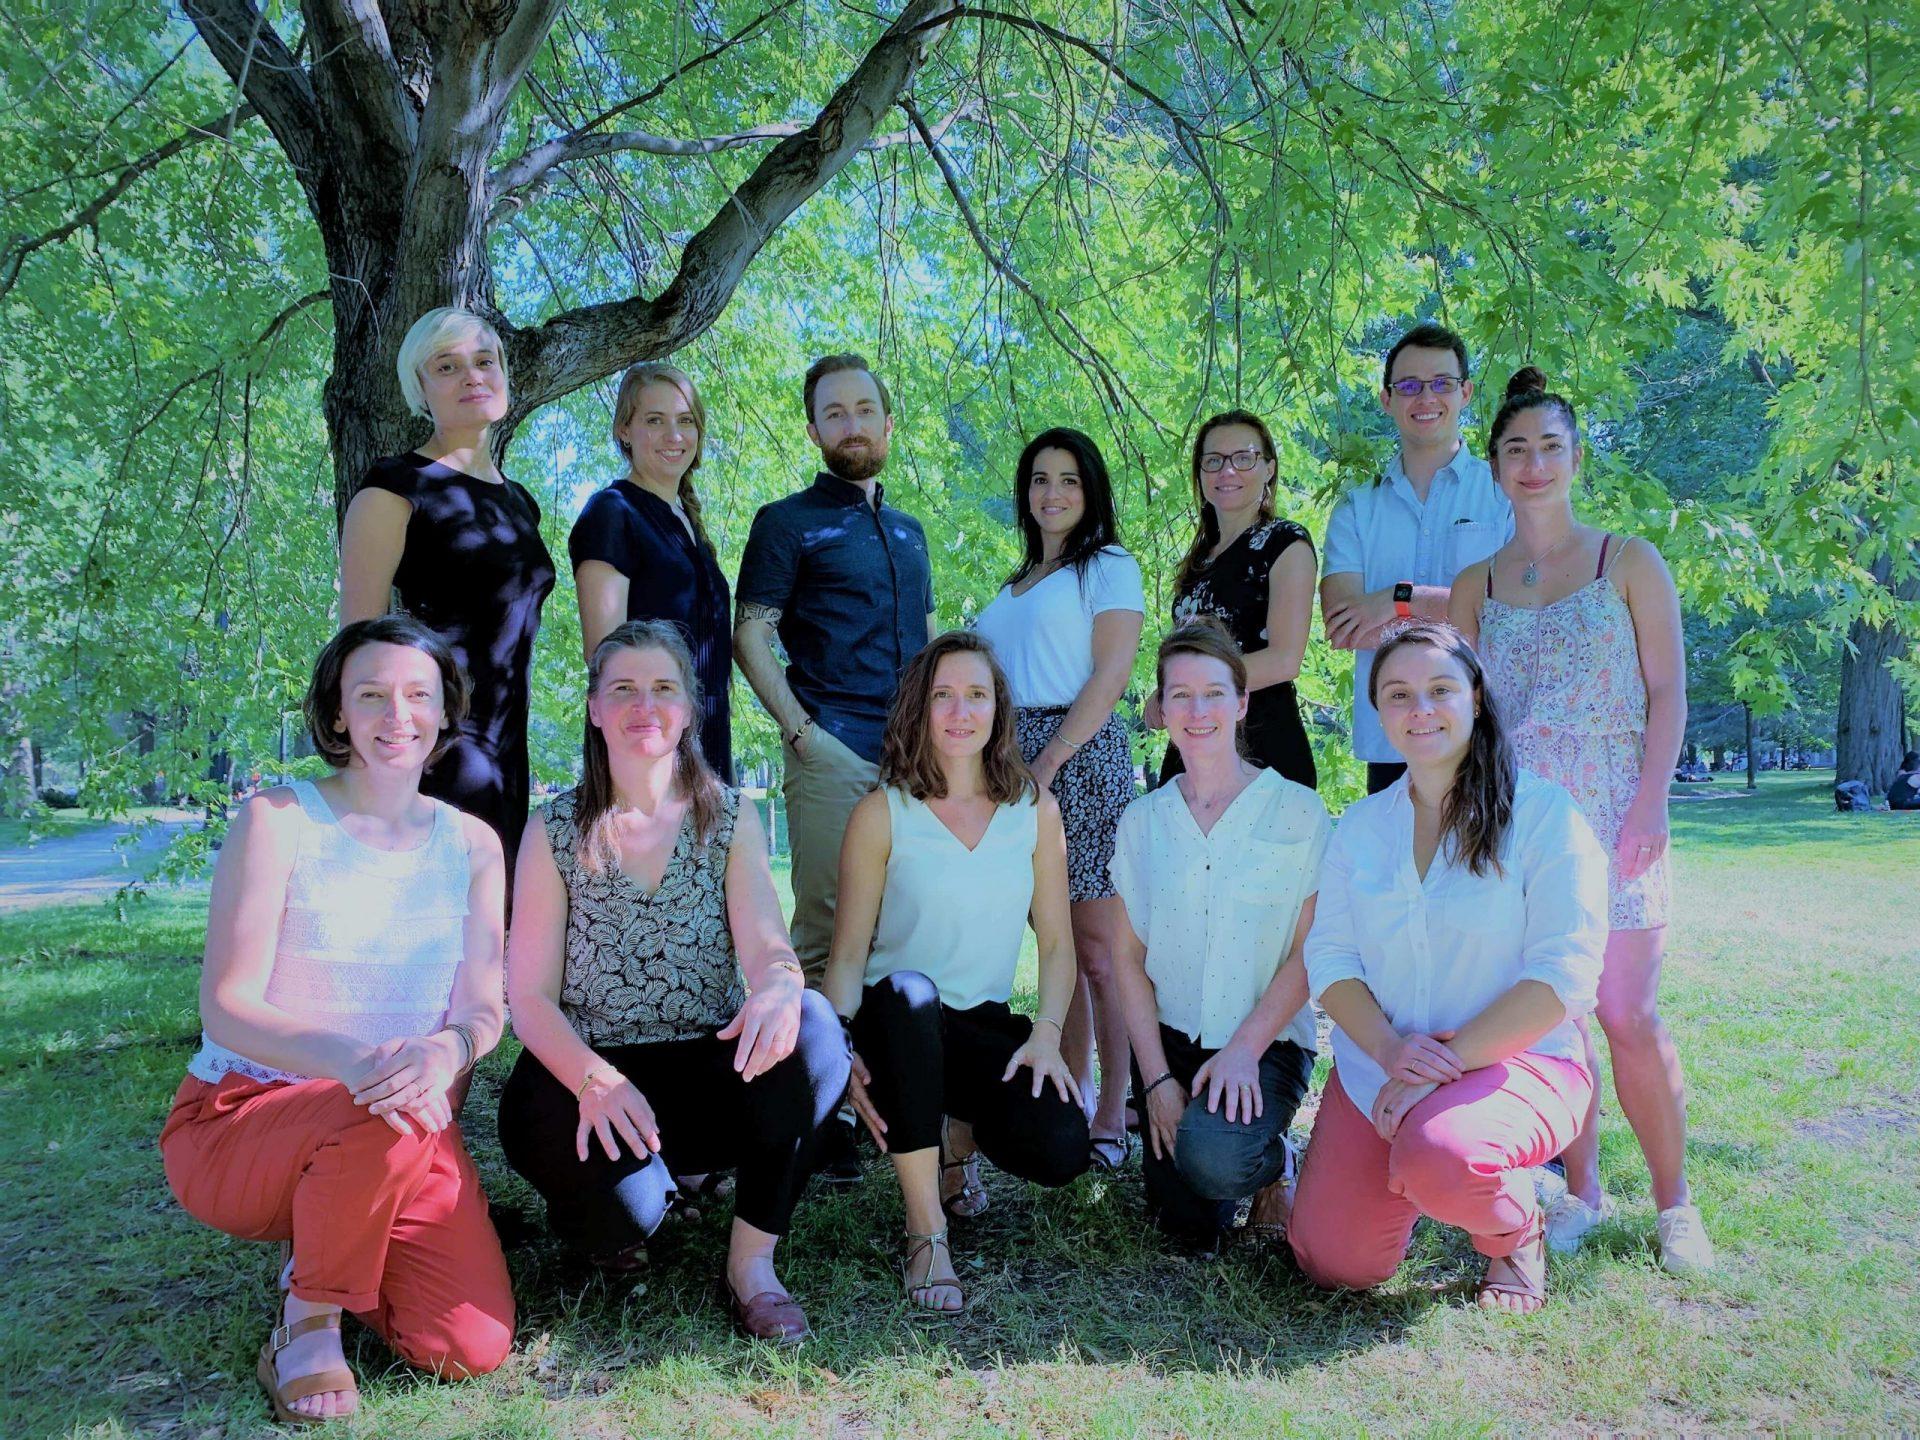 équipe de neuropsychologie et de psychologie de Montréal